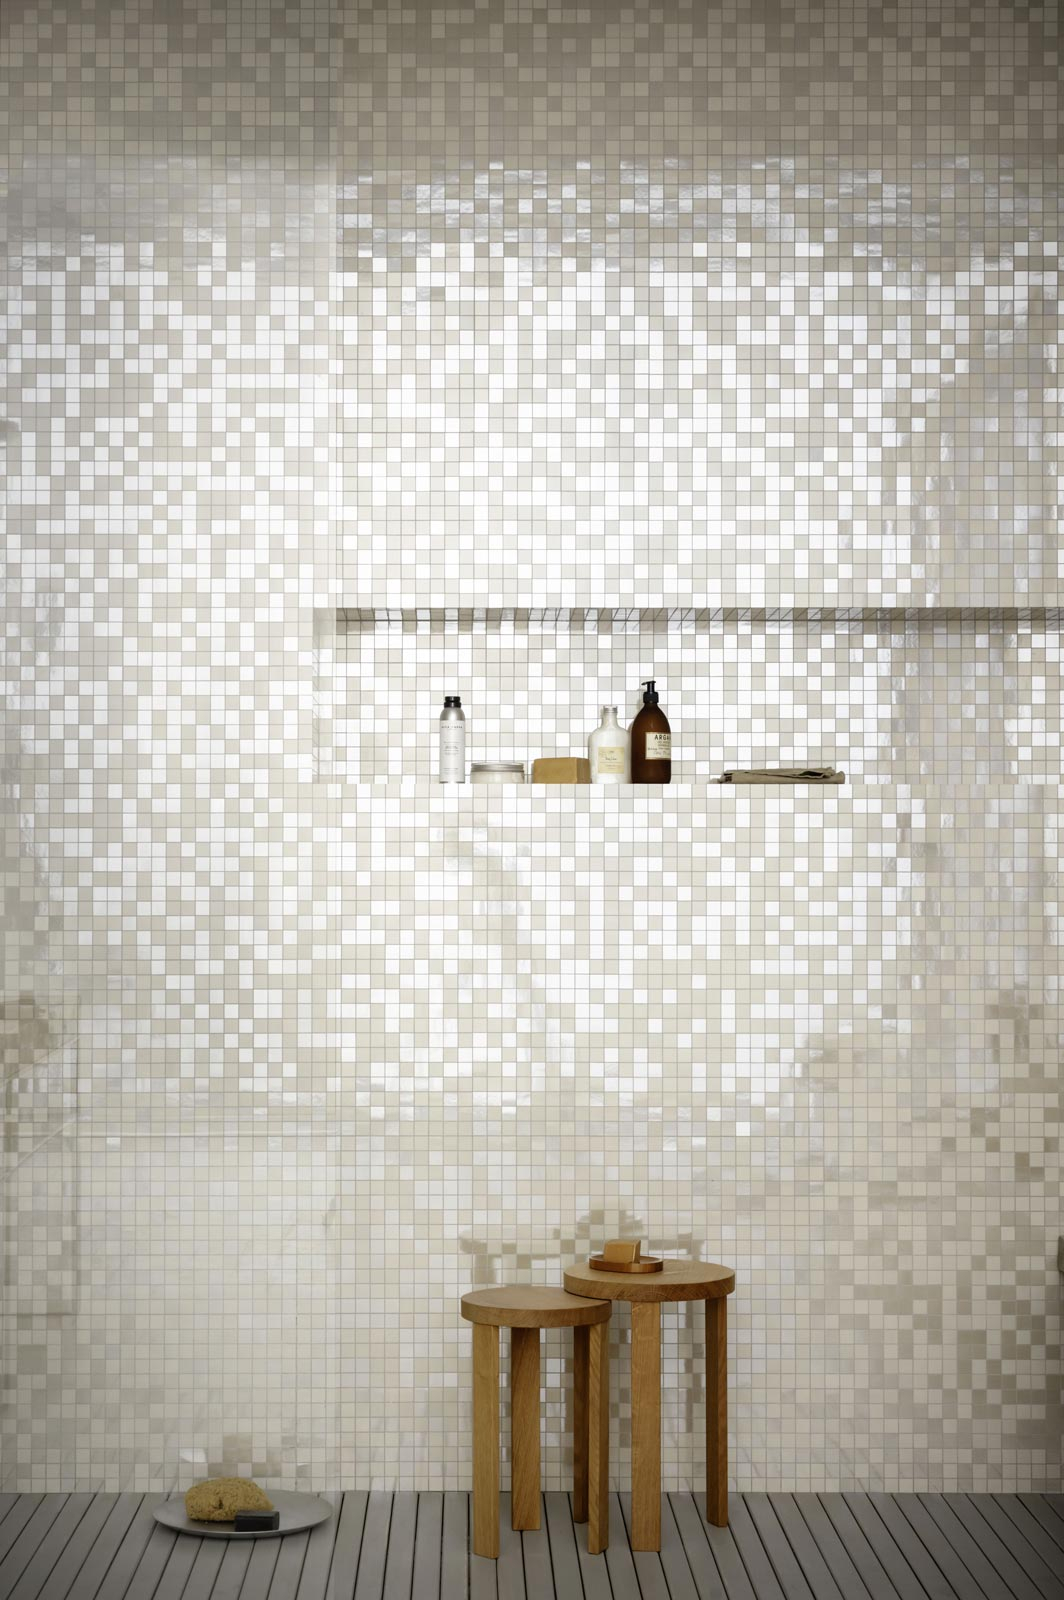 Piastrelle a mosaico per bagno e altri ambienti marazzi - Mosaico grigio bagno ...